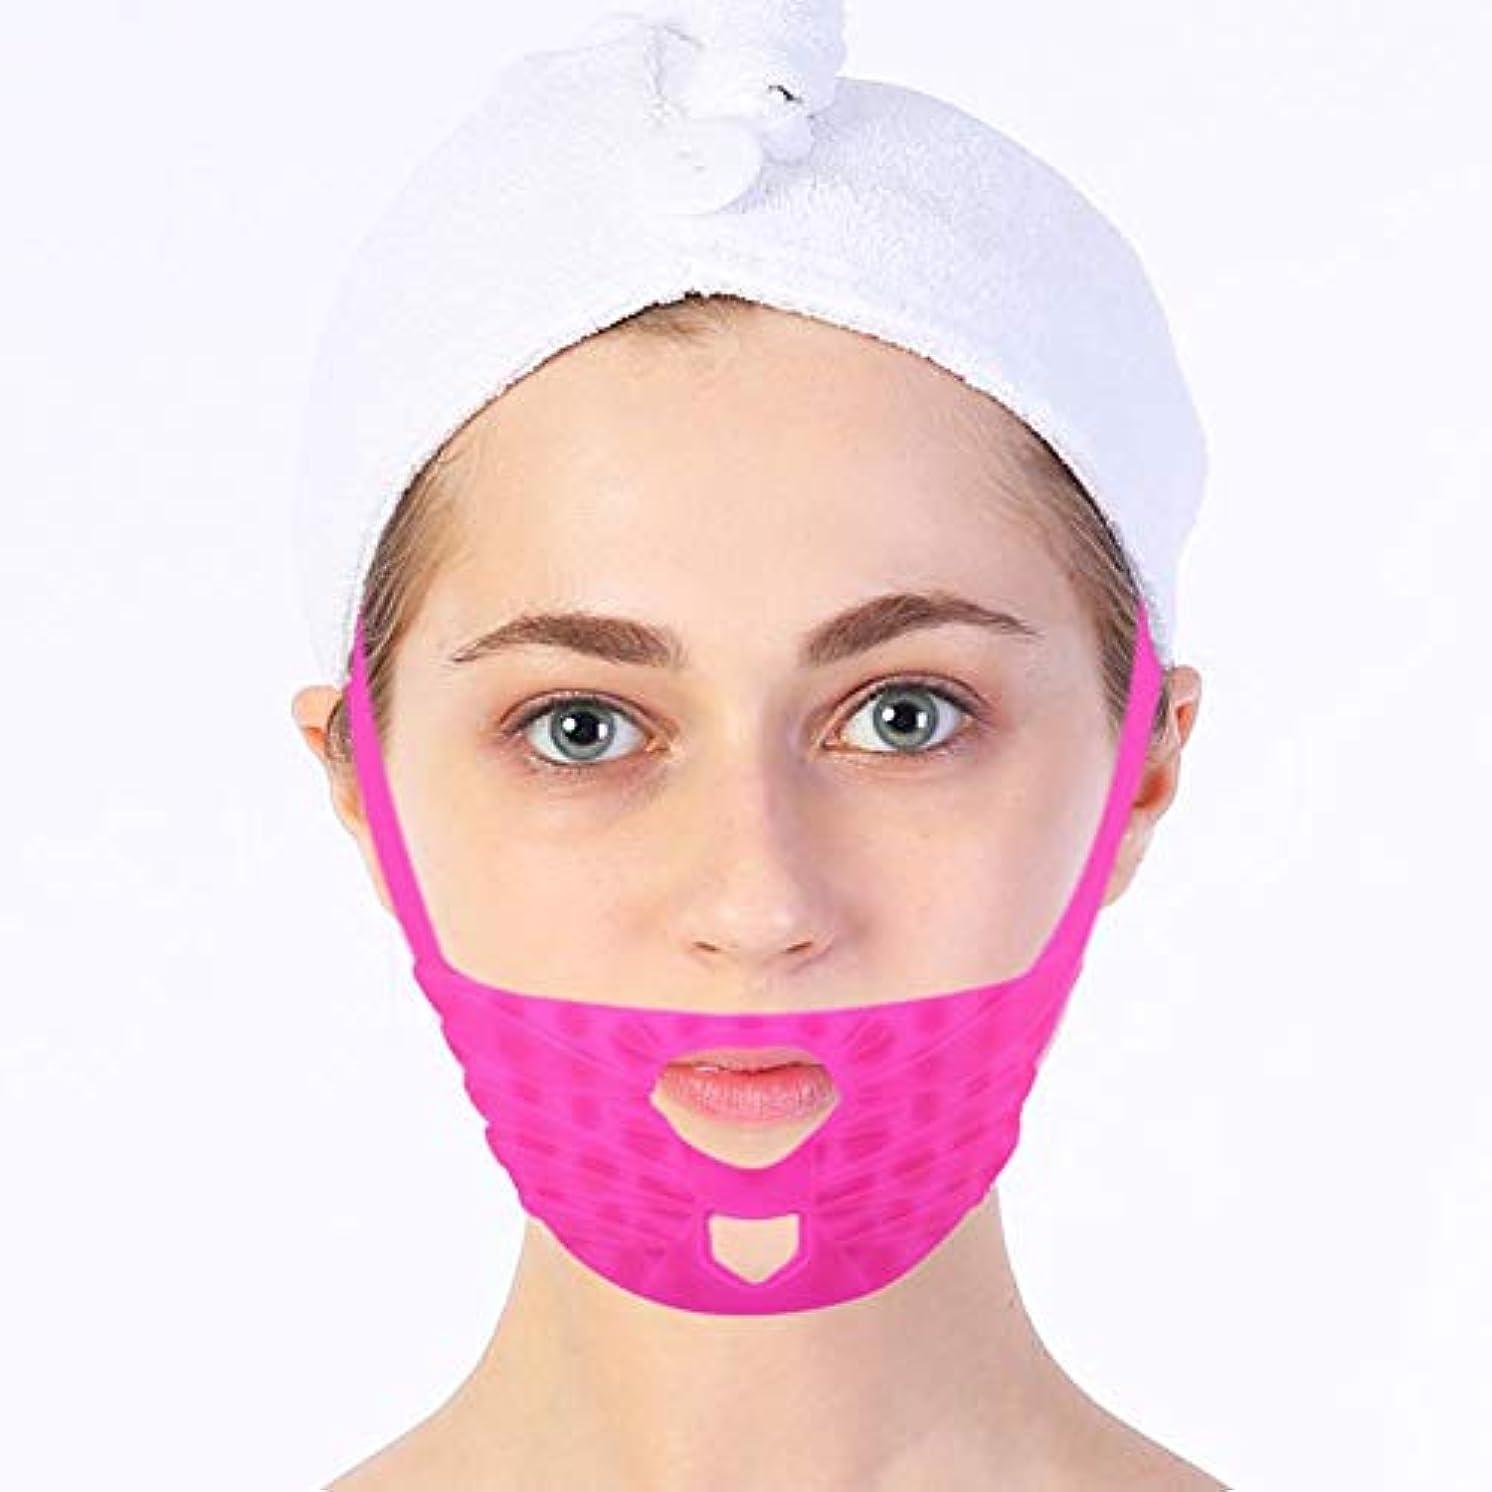 特に潜水艦売上高Semmeフェイシャルリフティング引き締め痩身マスク、マッサージフェイスシリコン包帯Vラインマスク首の圧縮二重あご、変更ダブルチェーンマスク引き締まった肌を減らす